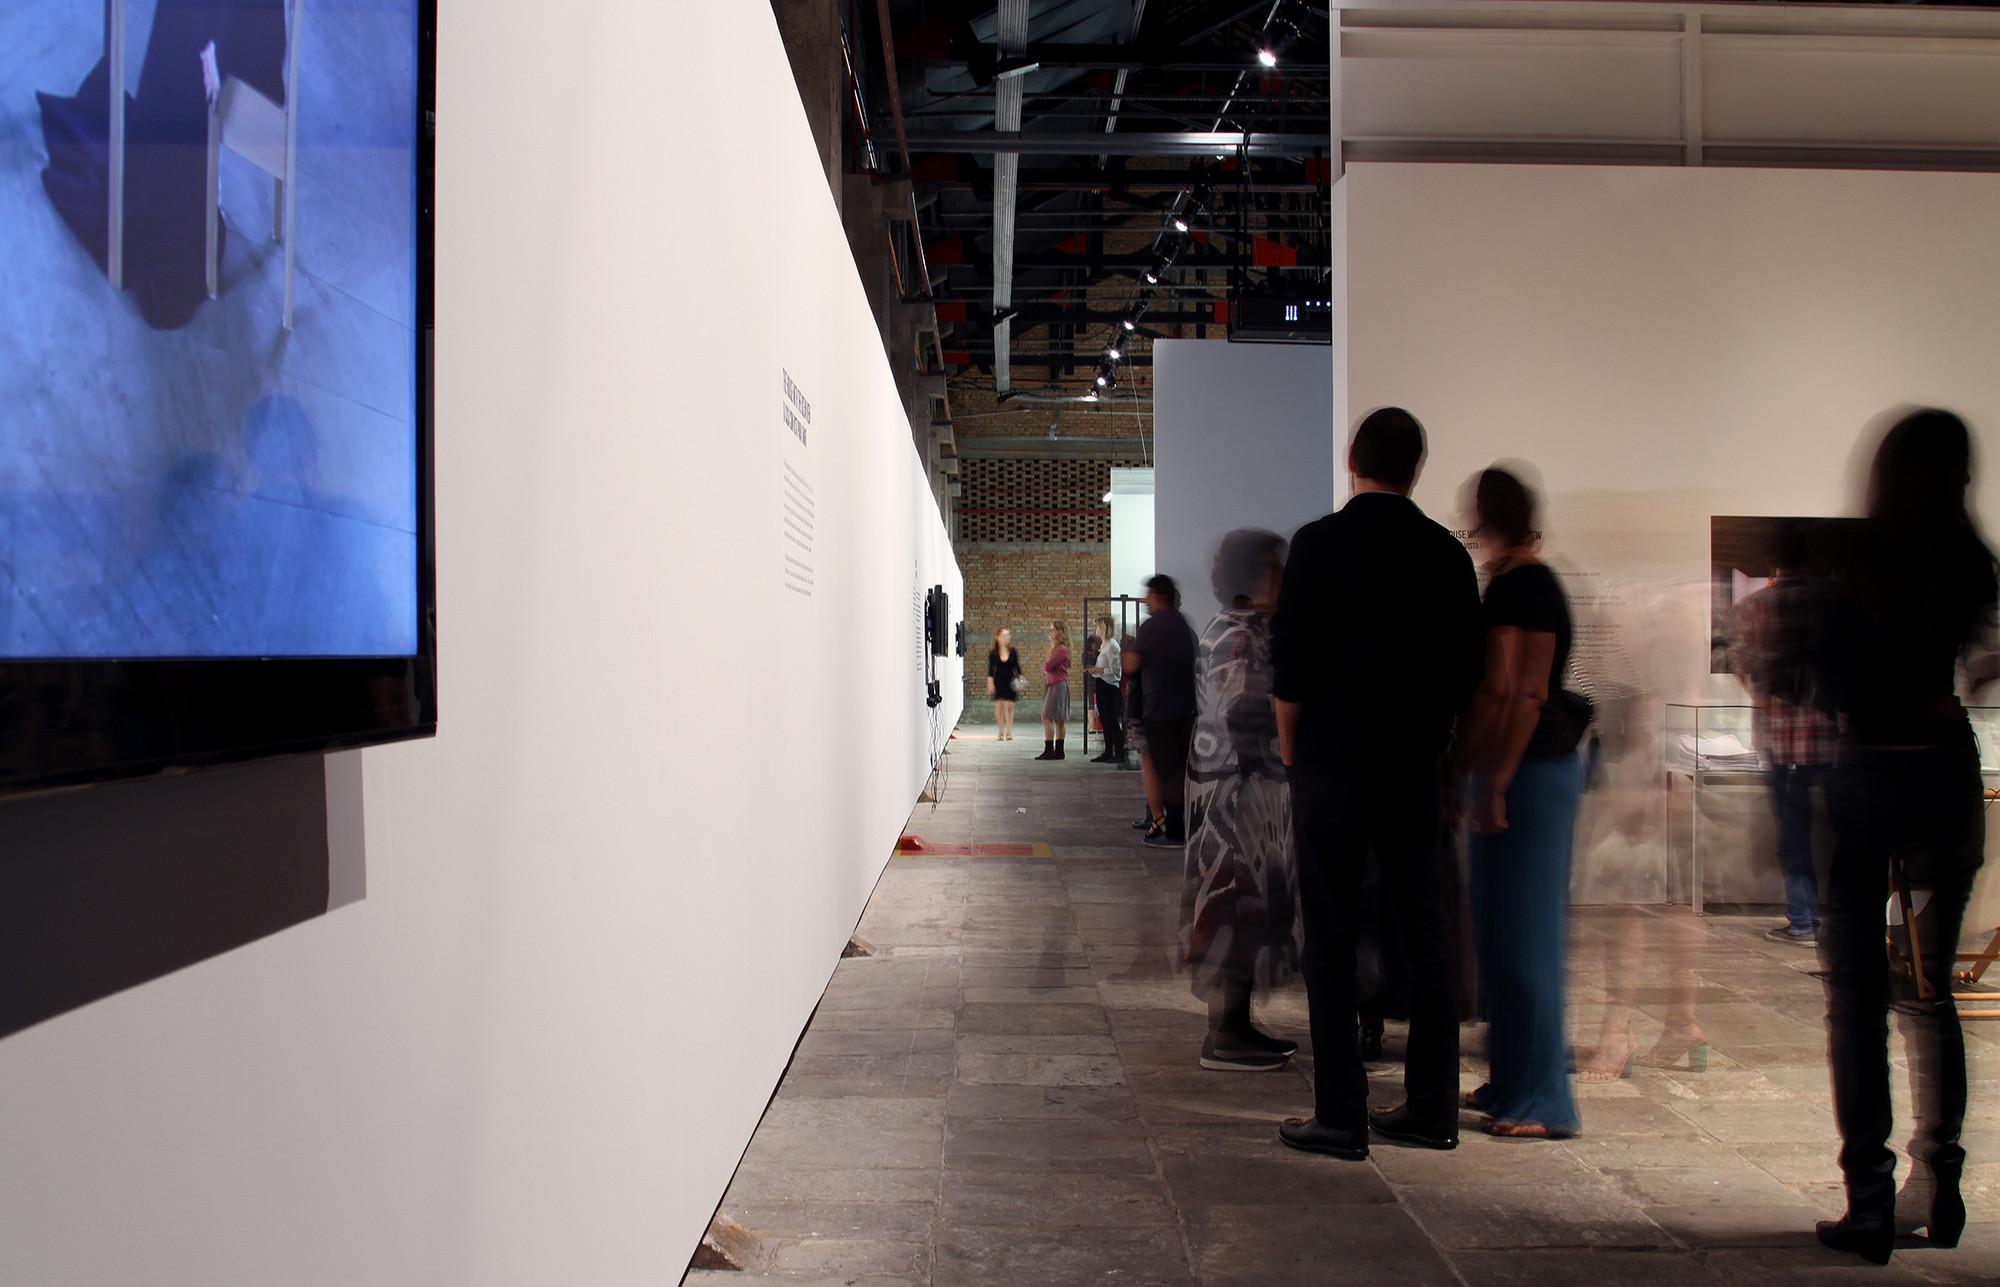 """Projeto expográfico do METRO para a exposição """"Terra Comunal"""". No canto superior direito pode-se ver o detalhe dos painéis de MDF estruturados por sarrafos. Image © Romullo Baratto"""